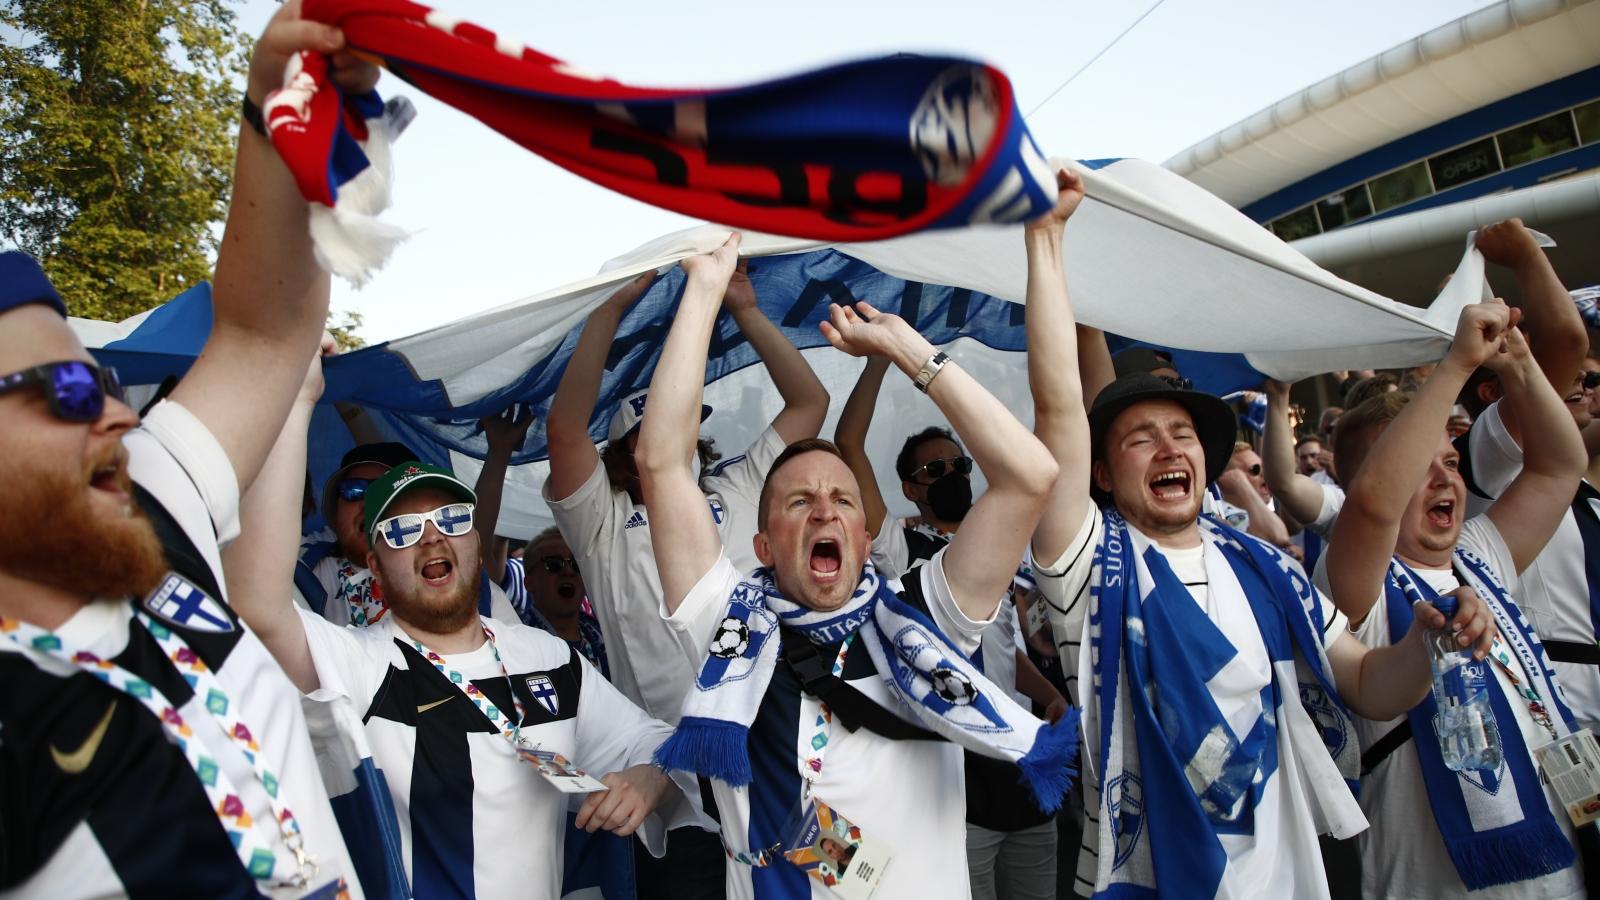 TRỰC TIẾP bóng đá Phần Lan 0 - 0 Bỉ: Saint Petersburg mở hội